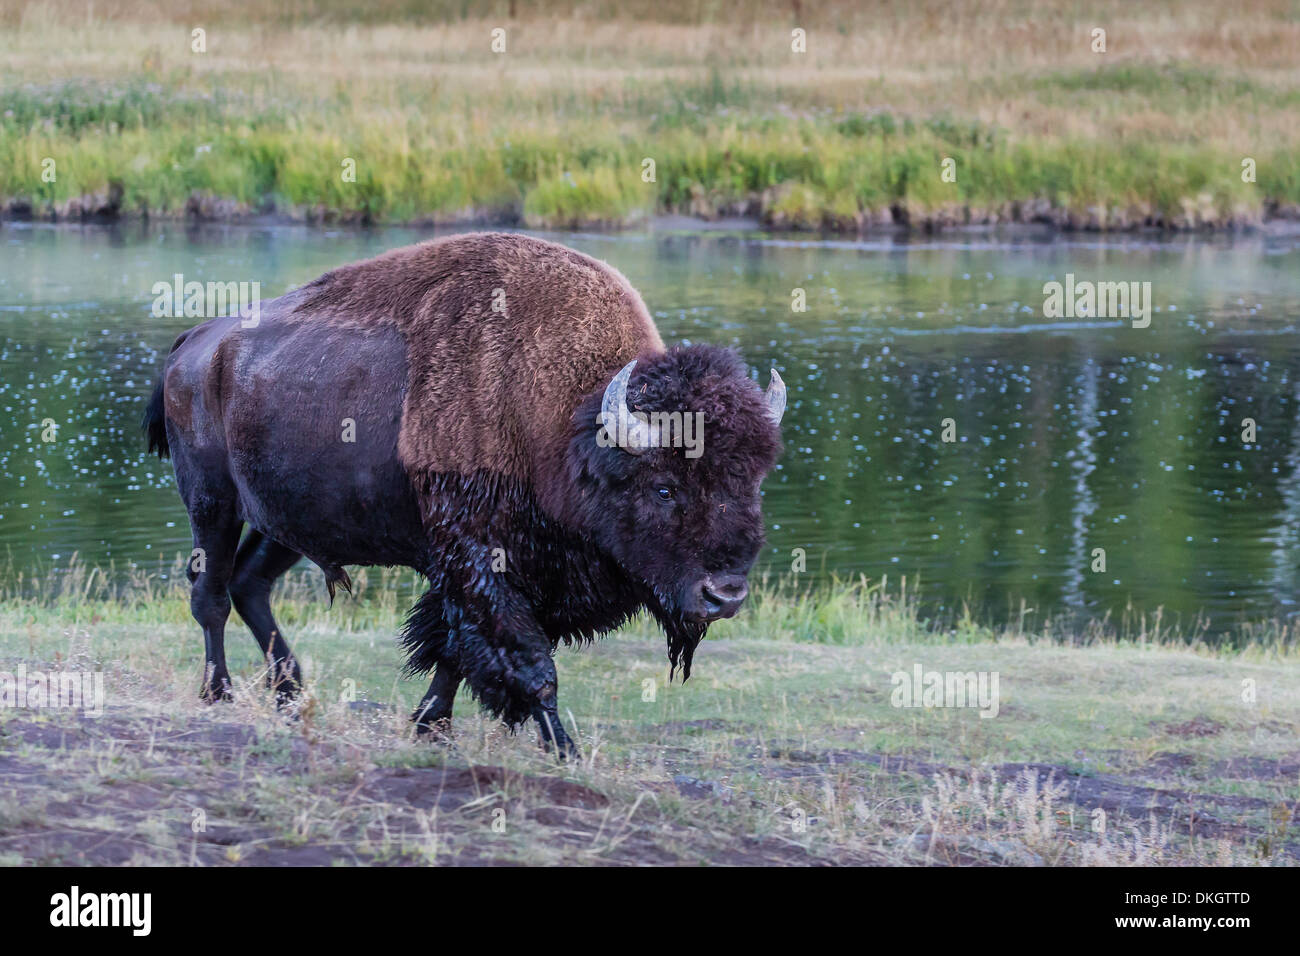 Les bisons (buffalo) (Bison bison) en déplacement dans le Parc National de Yellowstone, UNESCO World Heritage Site, Wyoming, USA Photo Stock